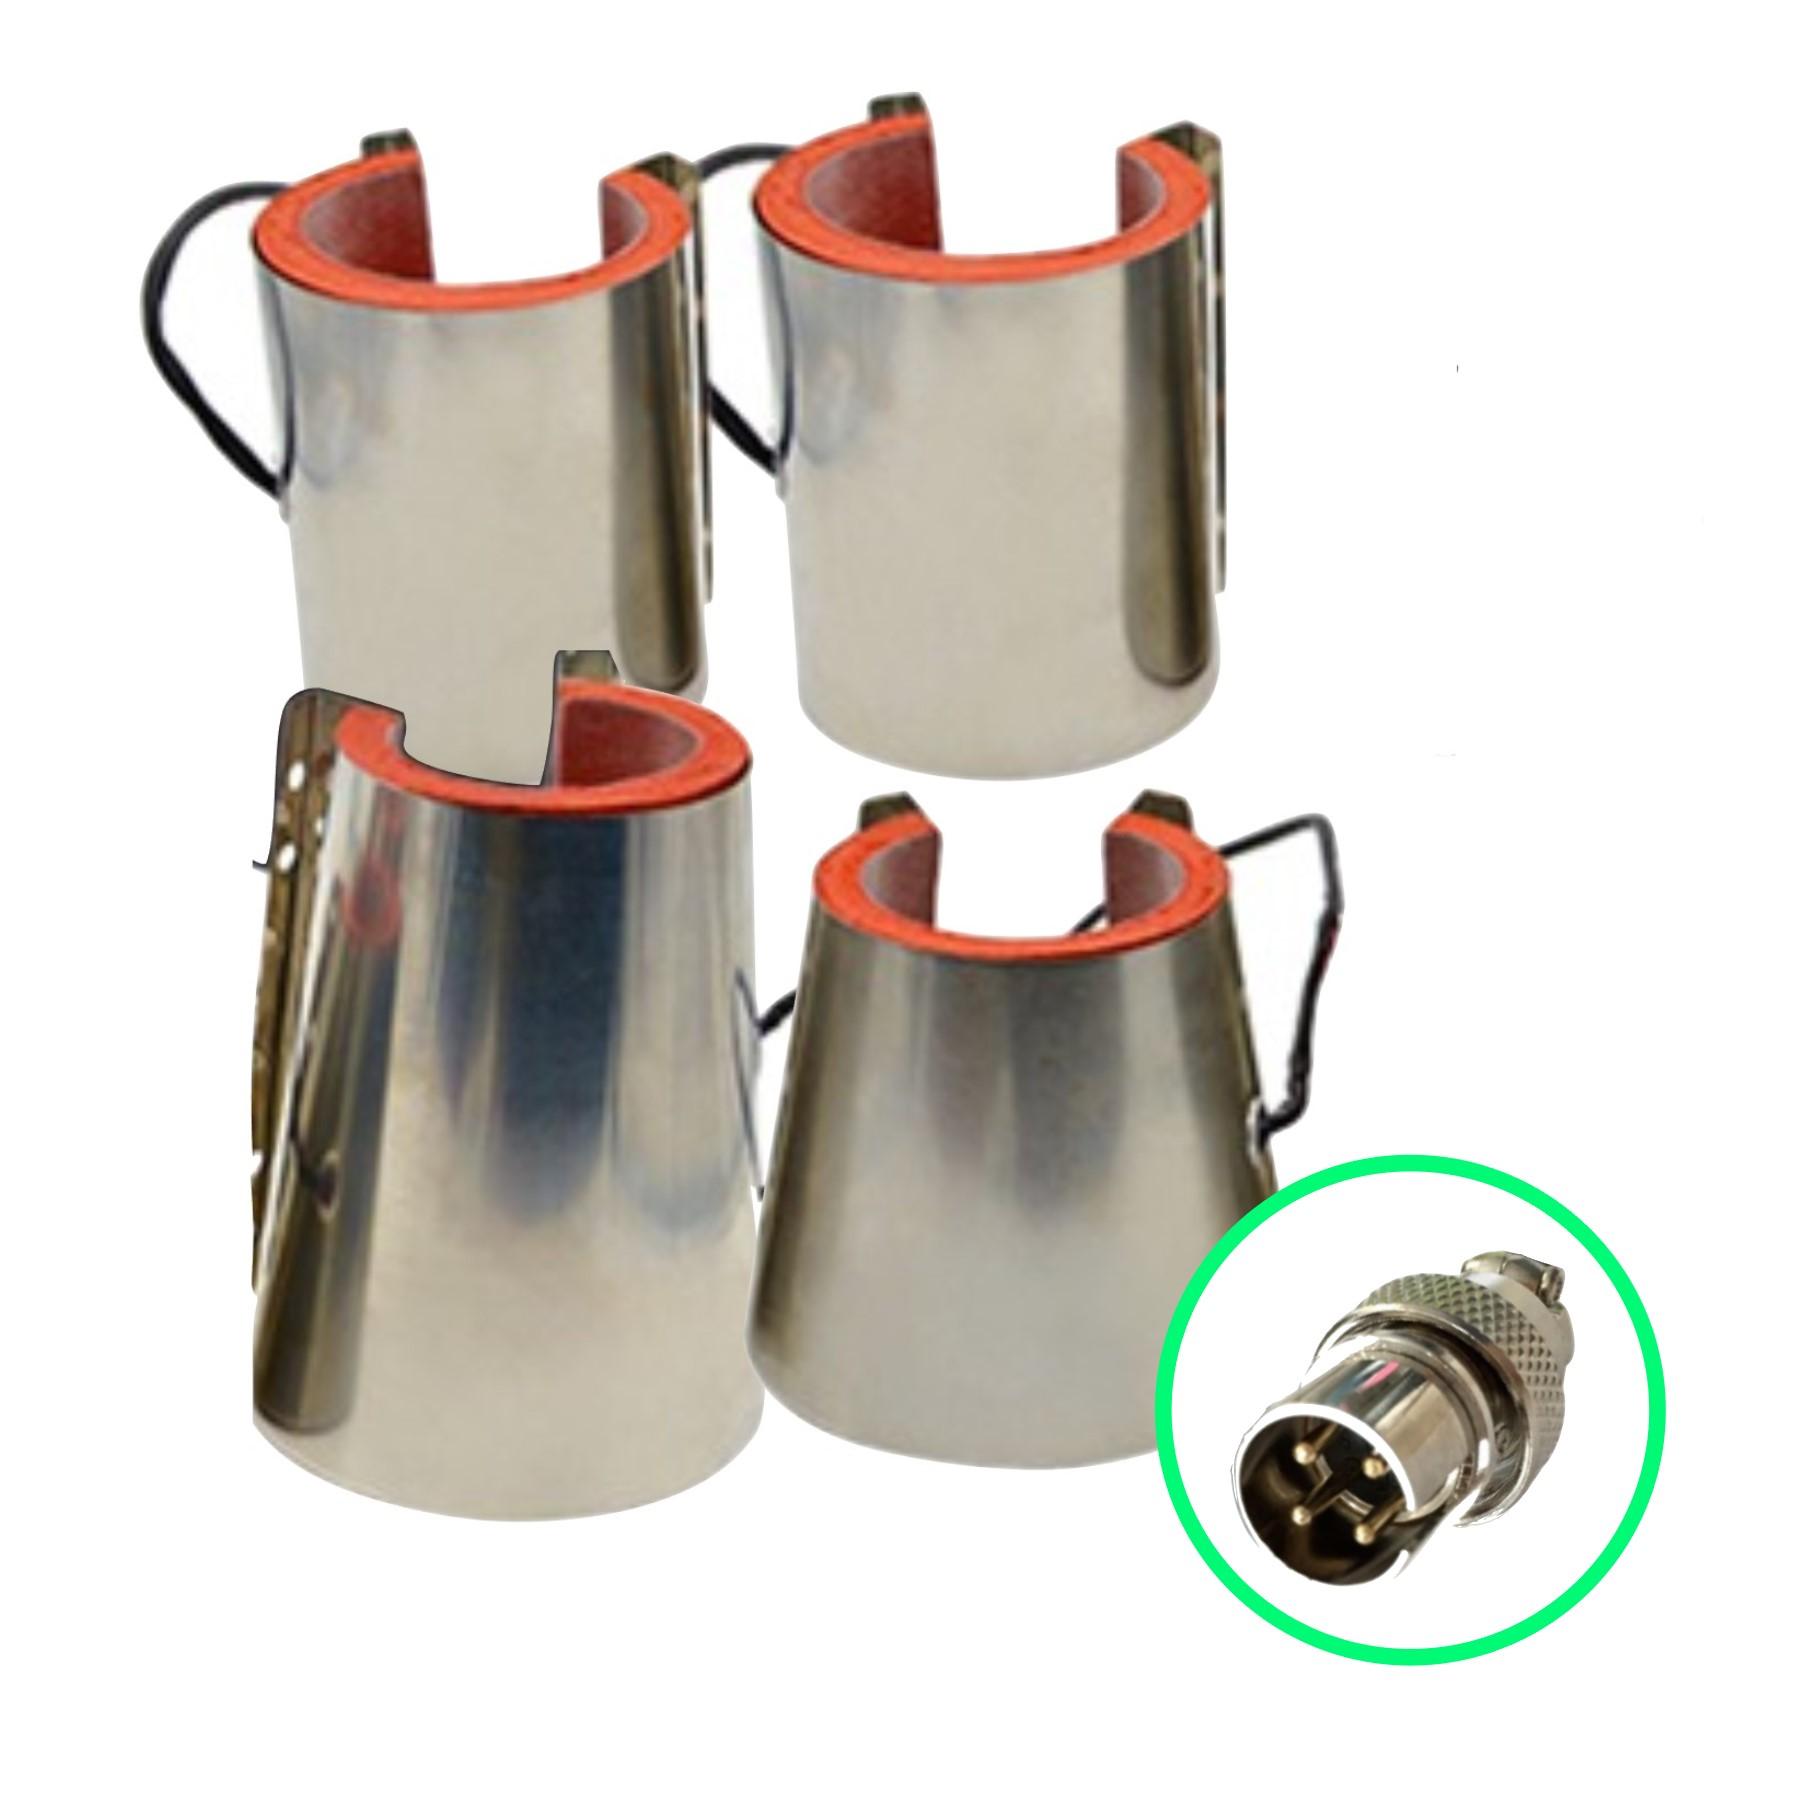 Accesorios para Mug Press conector macho